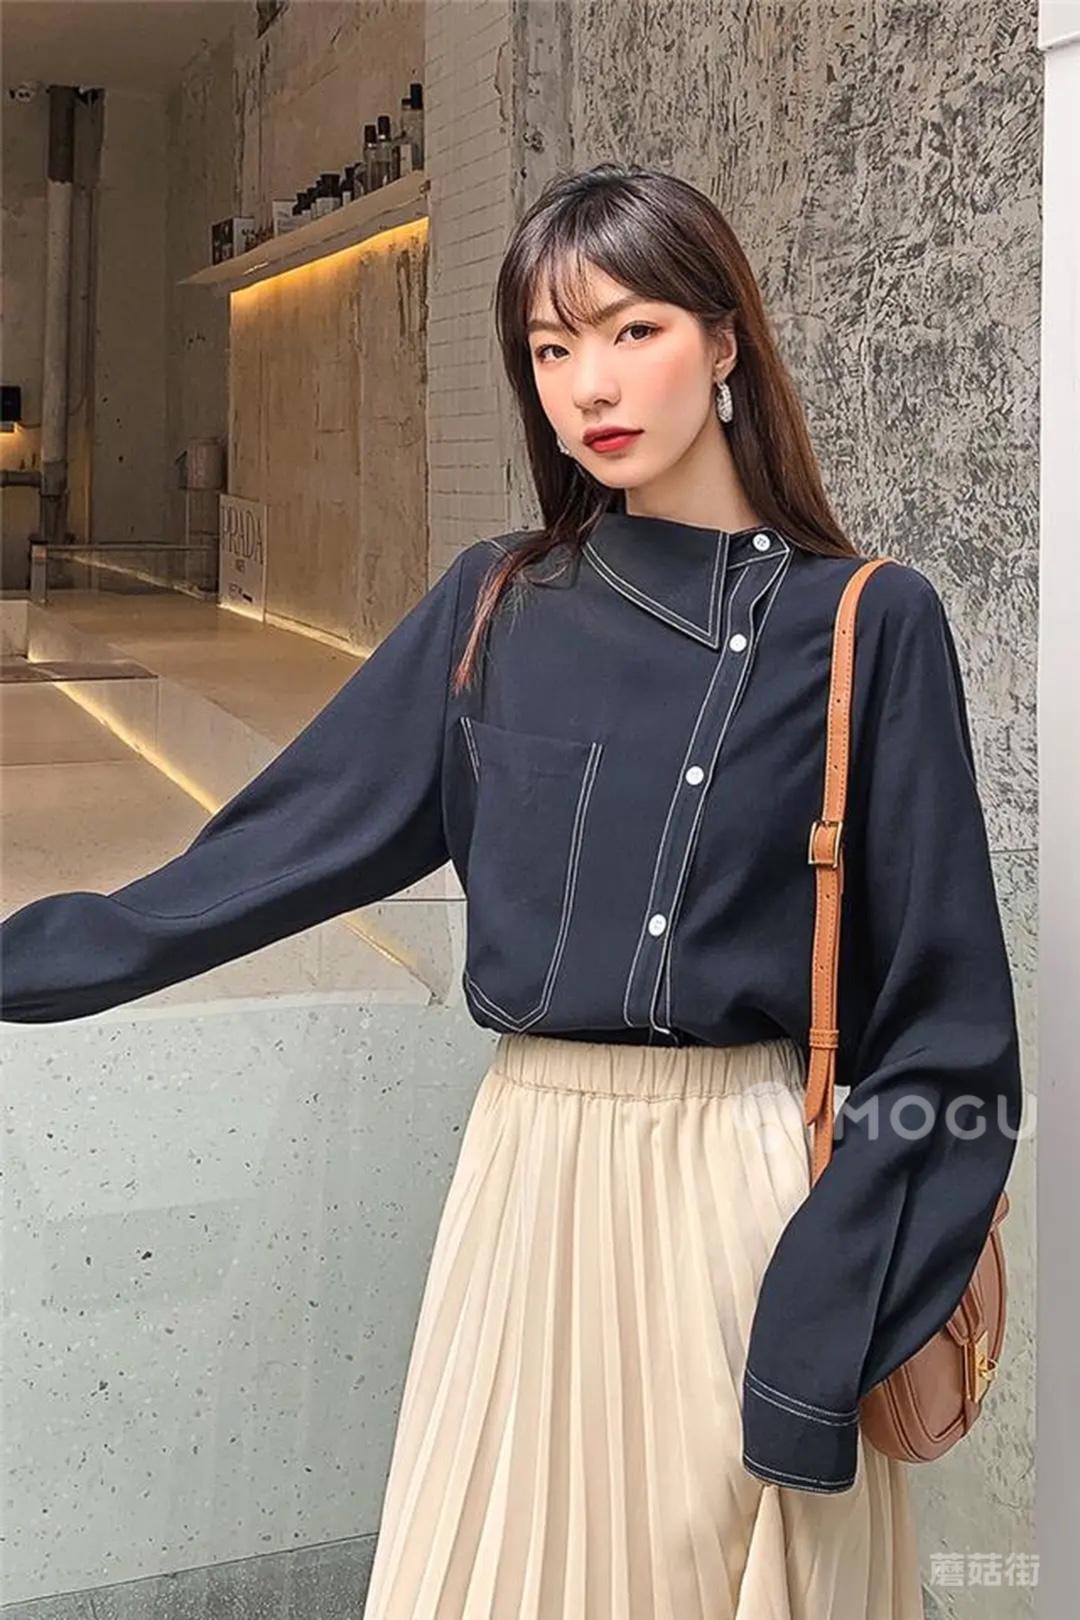 这个剪裁很漂亮啊~很有设计感~就喜欢这种小众的衣服~#什么值得买#